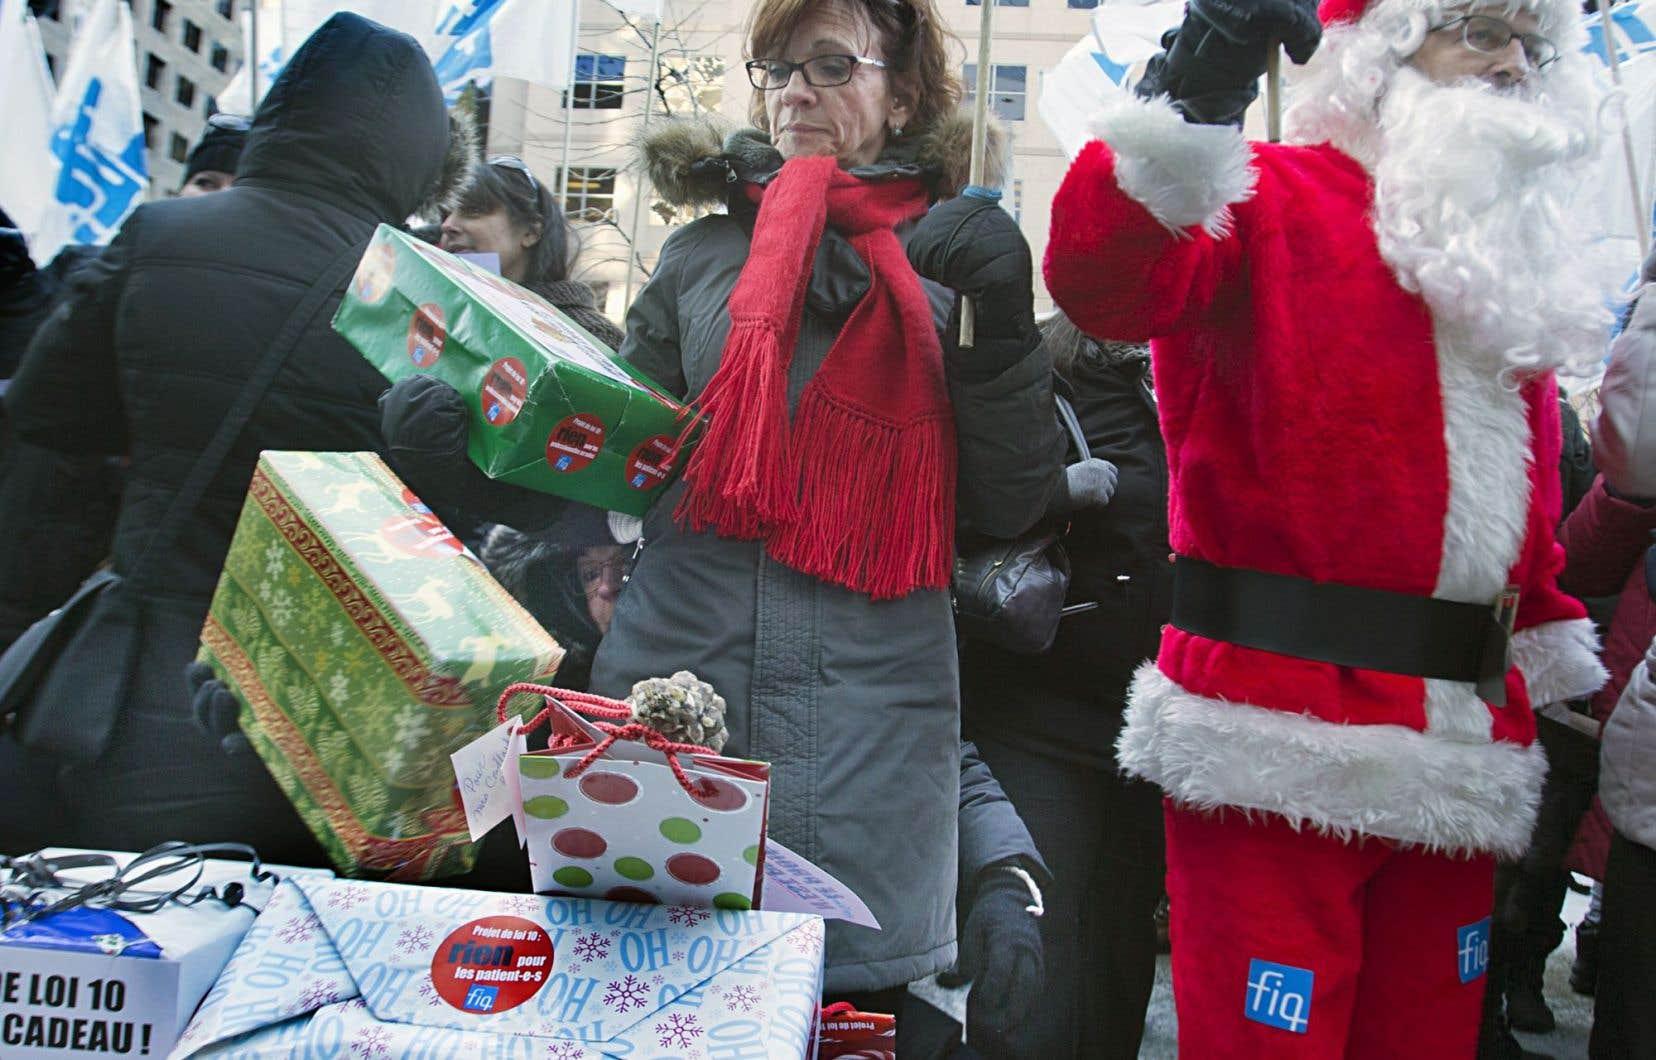 Des manifestations pilotées par les différents syndicats en santé sont organisées presque quotidiennement. La Fédération interprofessionnelle de la santé manifestait devant les bureaux de Philippe Couillard jeudi.